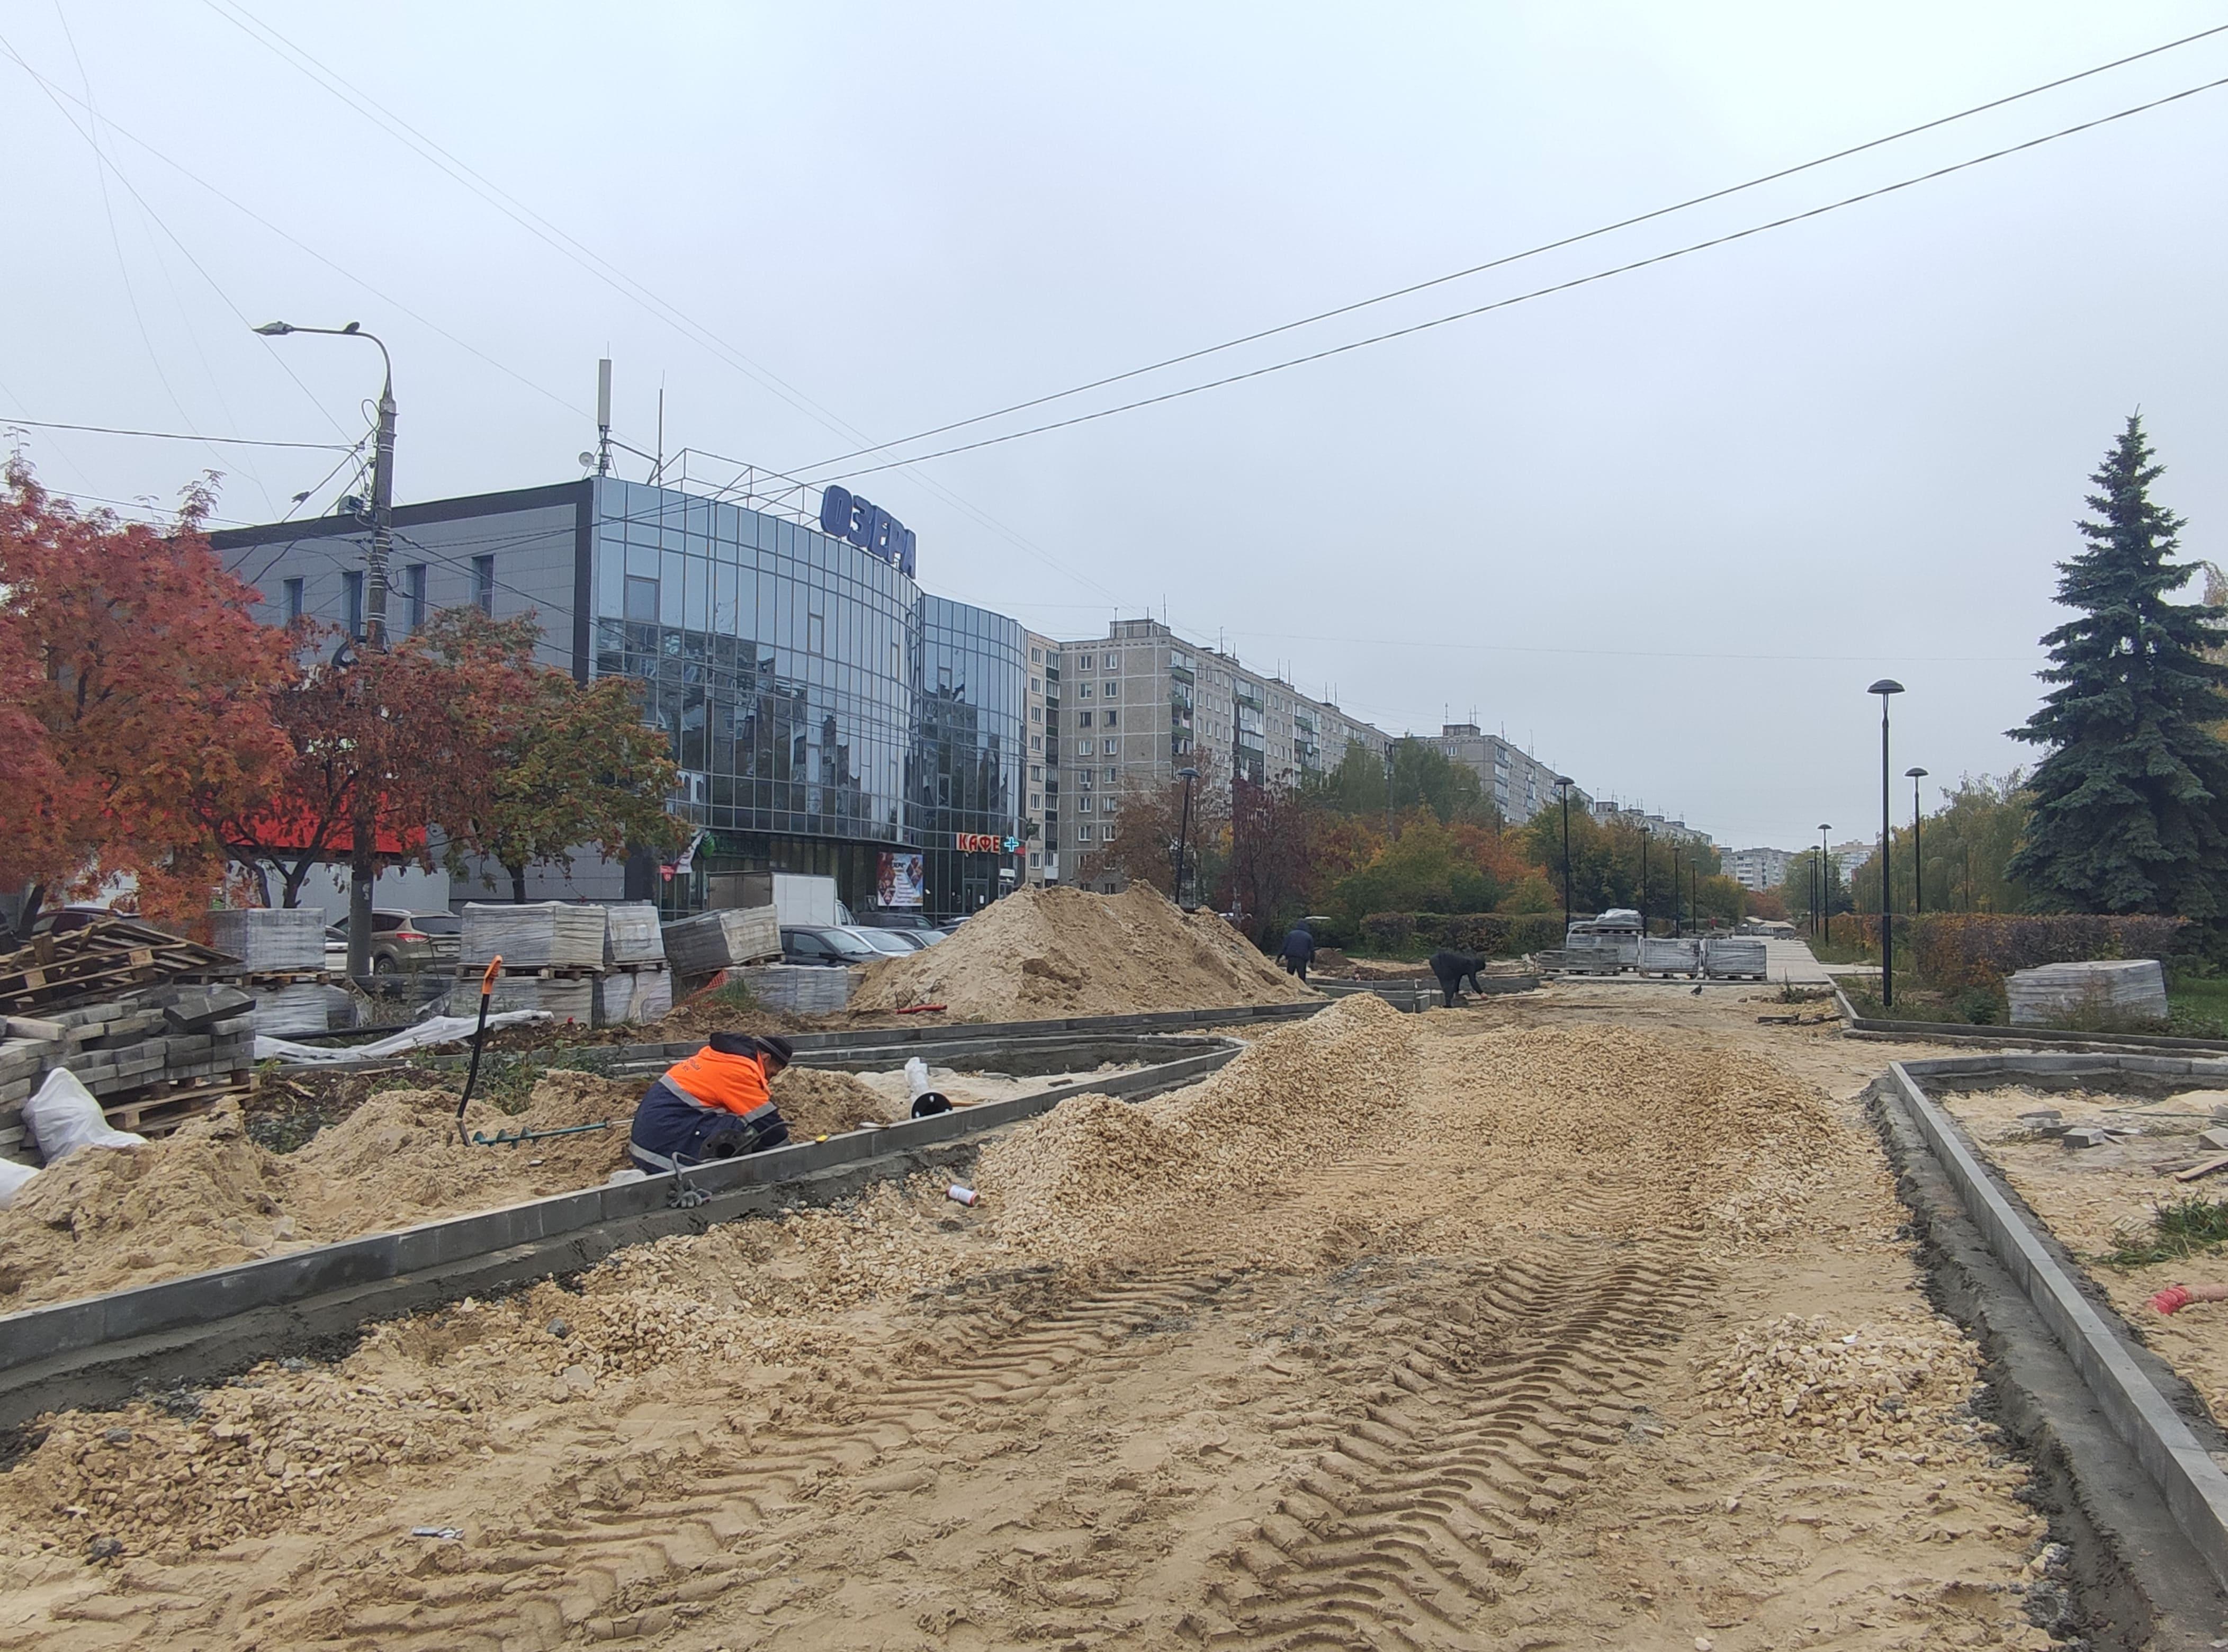 Благоустройство проспекта 70 лет Октября возобновили в Нижнем Новгороде - фото 1